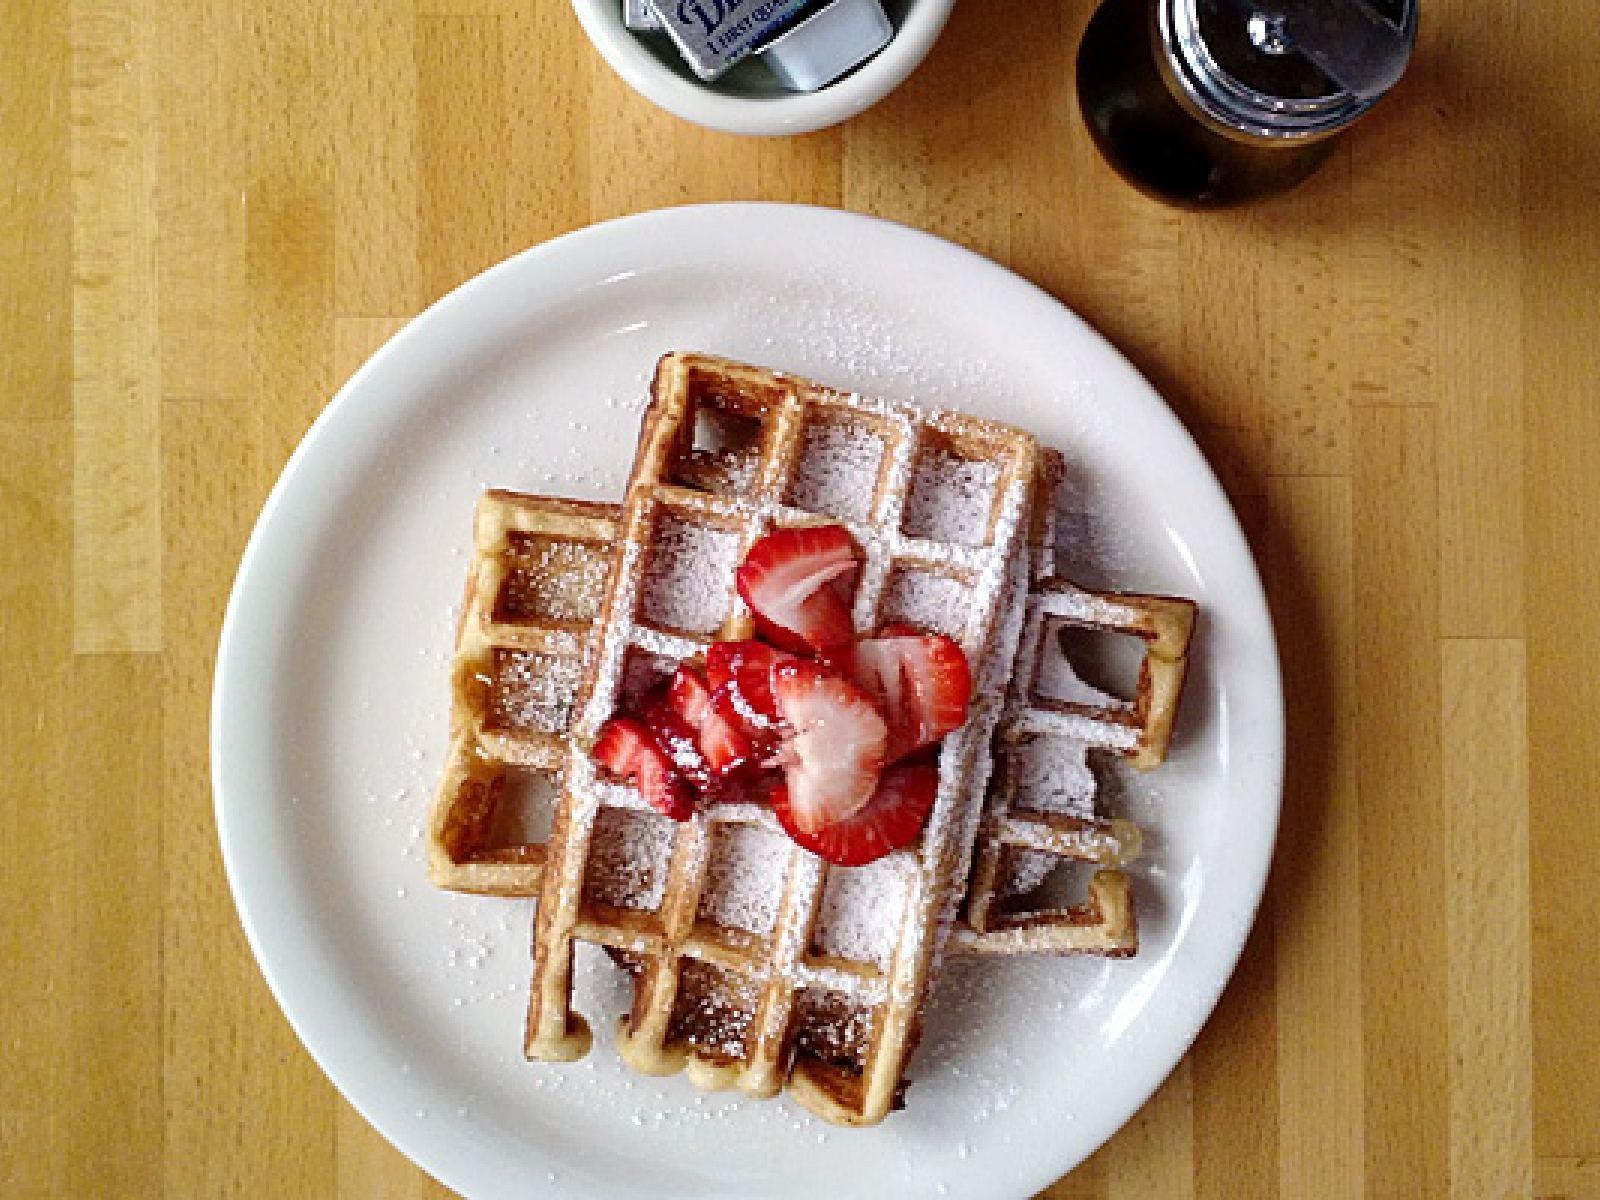 Hickory maple waffle en The Peach Café